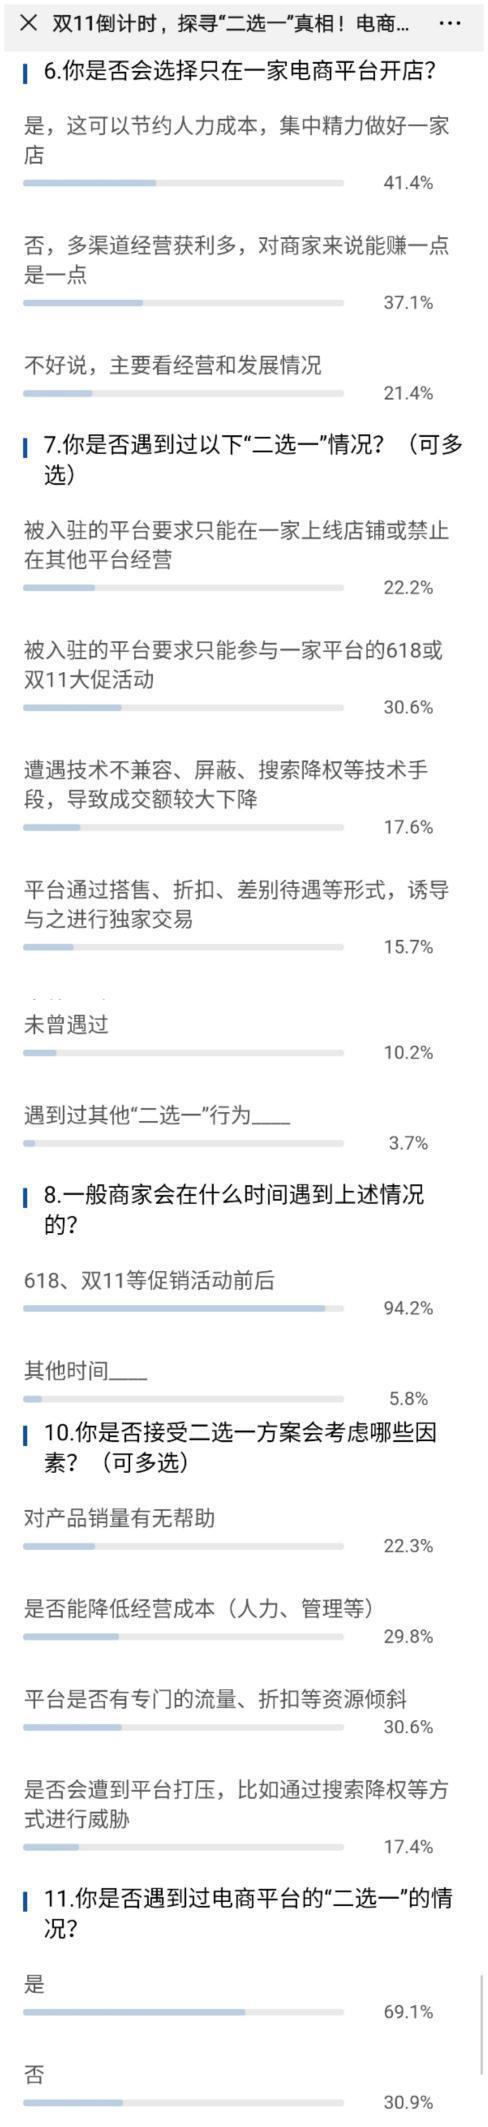 """泰亚365娱乐手机-生鲜市场资本退潮 告别烧钱模式打响""""淘汰赛"""""""